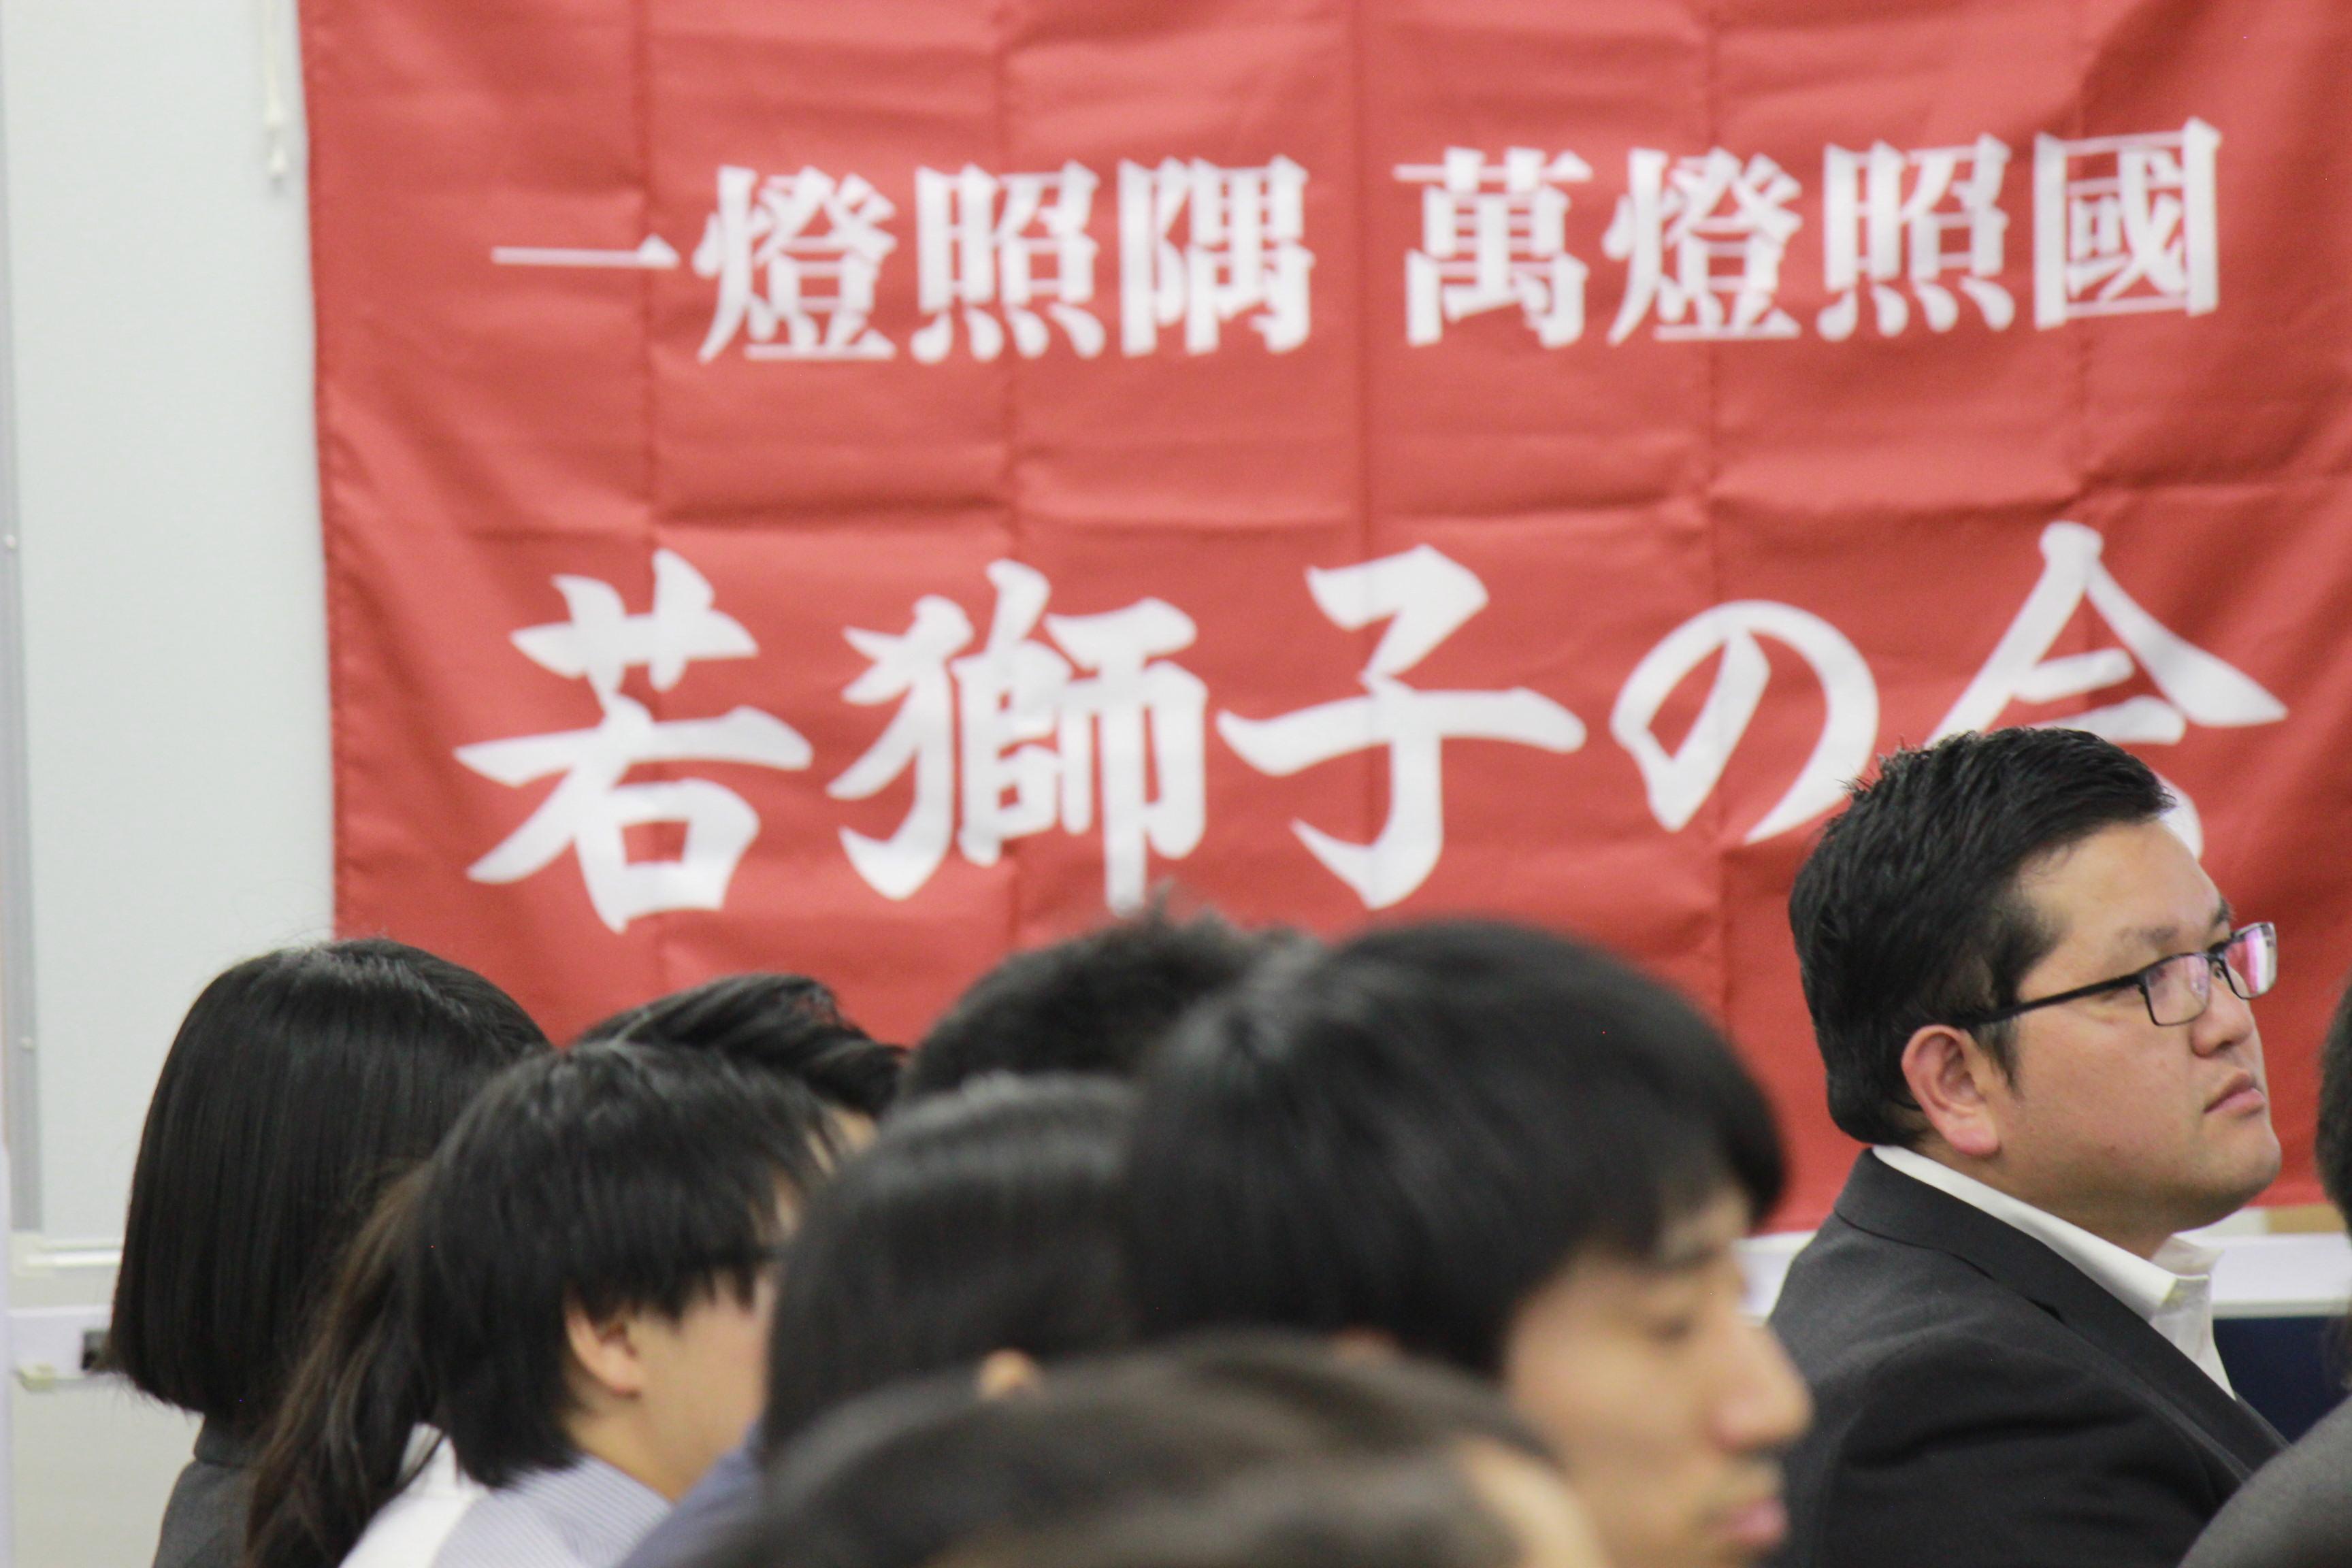 IMG 7847 - 関東若獅子の会、記念すべき第100回